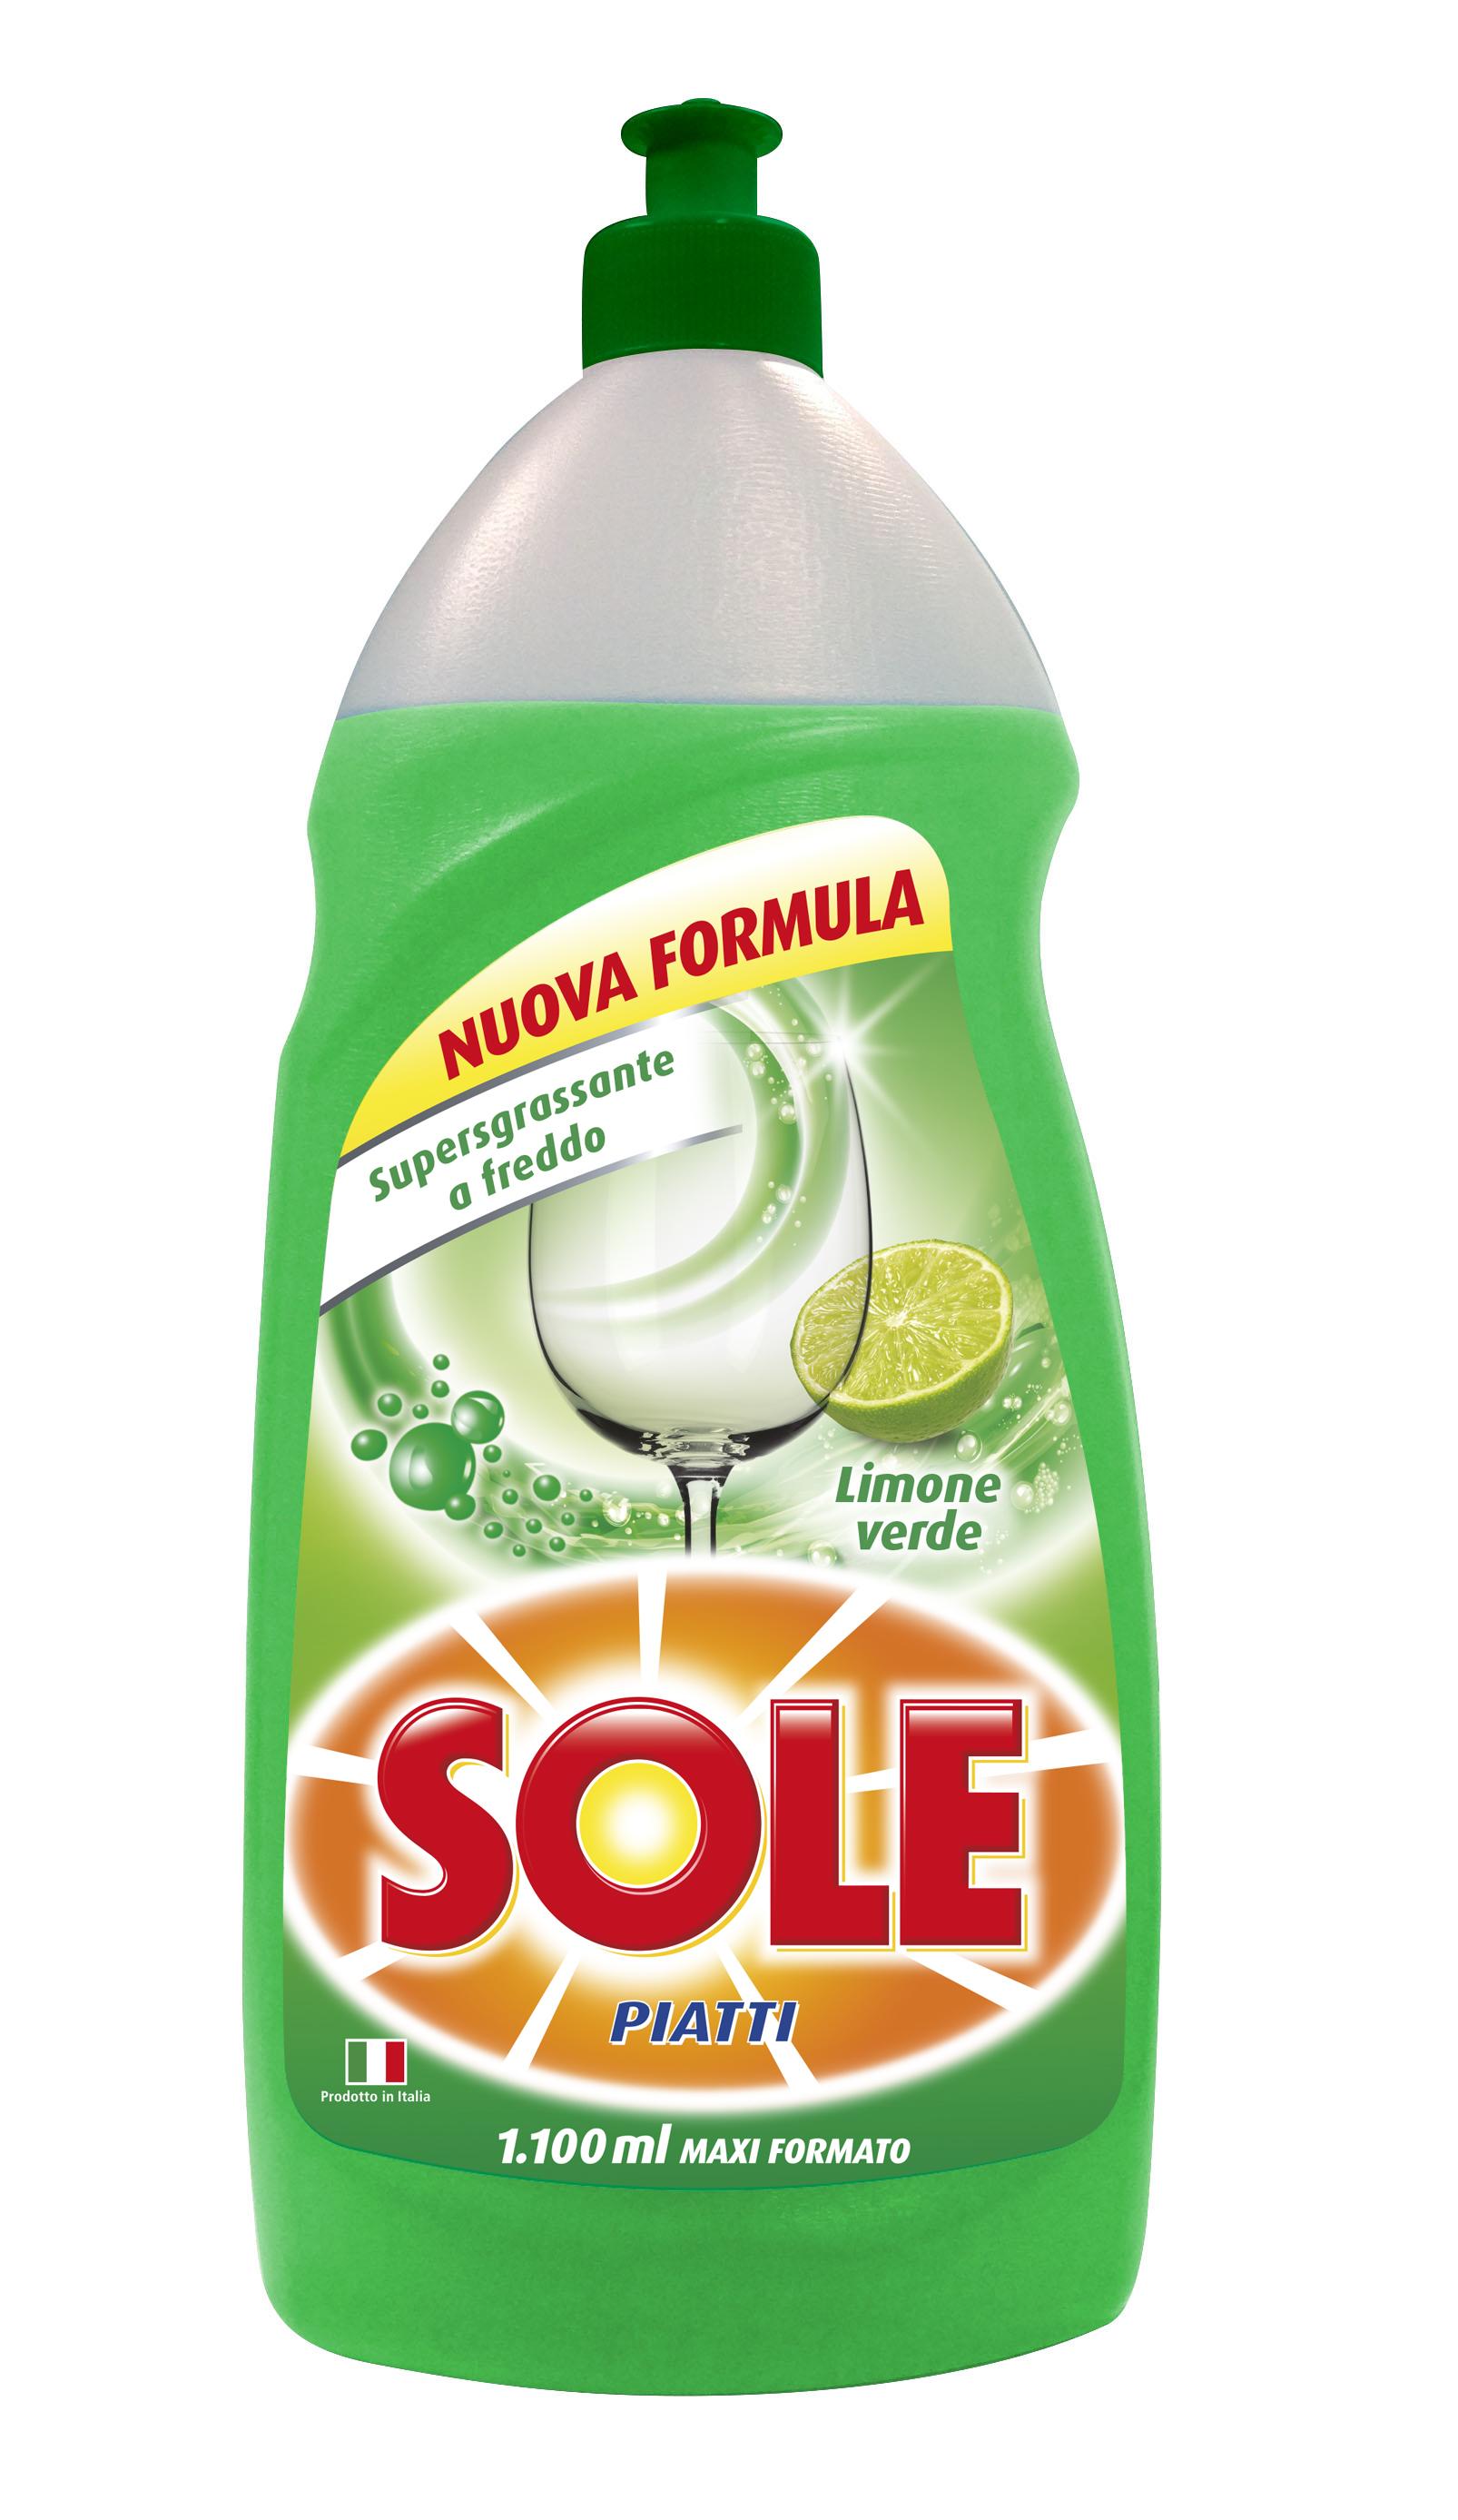 Detersivo piatti al limone verde Sole